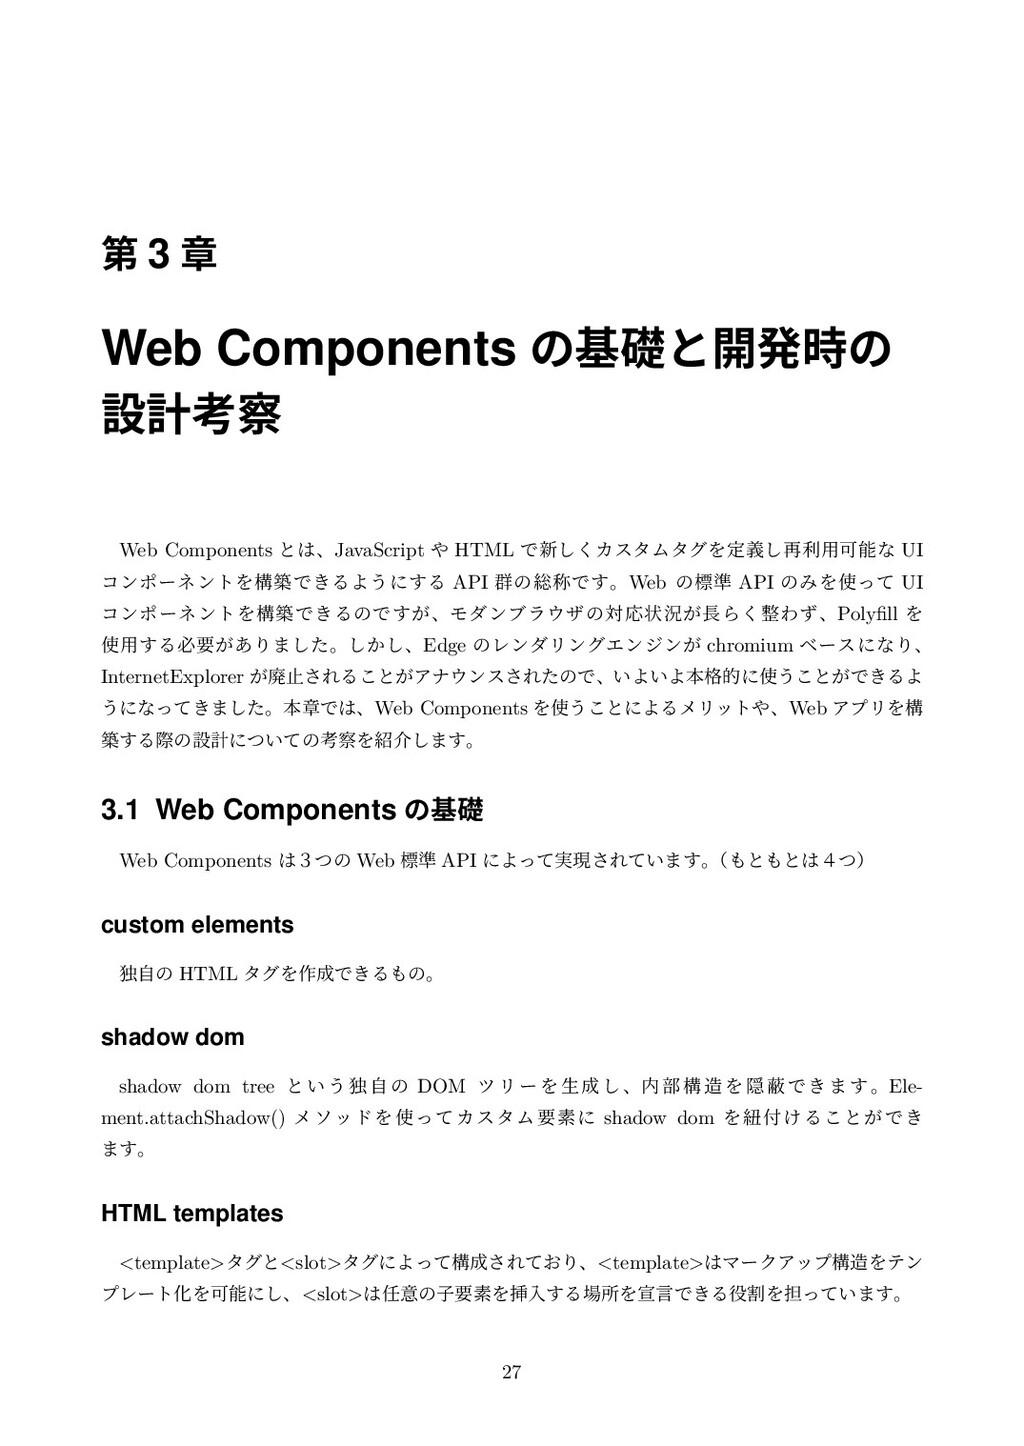 ୈ 3 ষ Web Components ͷجૅͱ։ൃͷ ઃܭߟ Web Componen...